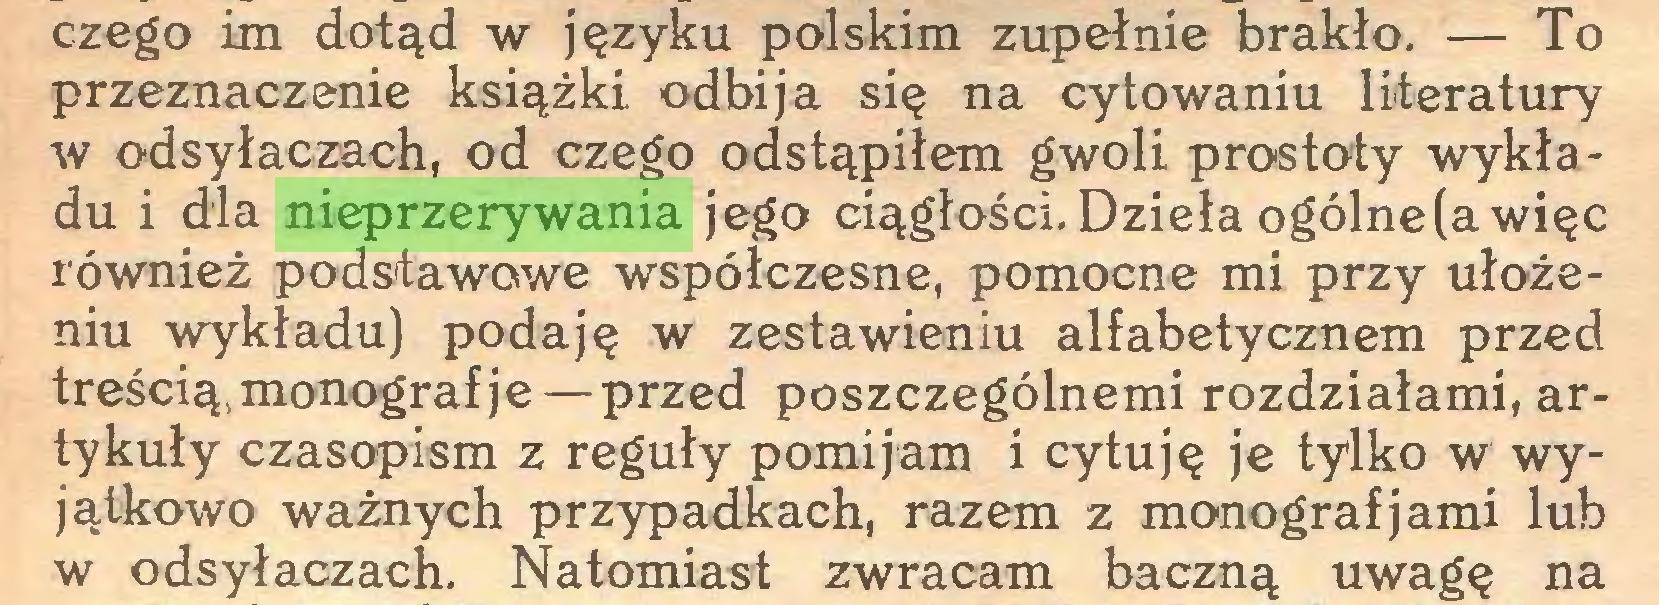 (...) czego im dotąd w języku polskim zupełnie brakło. — To przeznaczenie książki odbija się na cytowaniu literatury w odsyłaczach, od czego odstąpiłem gwoli prostoty wykładu i dla nieprzerywania jego ciągłości. Dzieła ogólne (a więc również podstawowe współczesne, pomocne mi przy ułożeniu wykładu) podaję w zestawieniu alfabetycznem przed treścią,monograf je — przed poszczególnemi rozdziałami, artykuły czasopism z reguły pomijam i cytuję je tylko w wyjątkowo ważnych przypadkach, razem z monografjami lub w odsyłaczach. Natomiast zwracam baczną uwagę na...